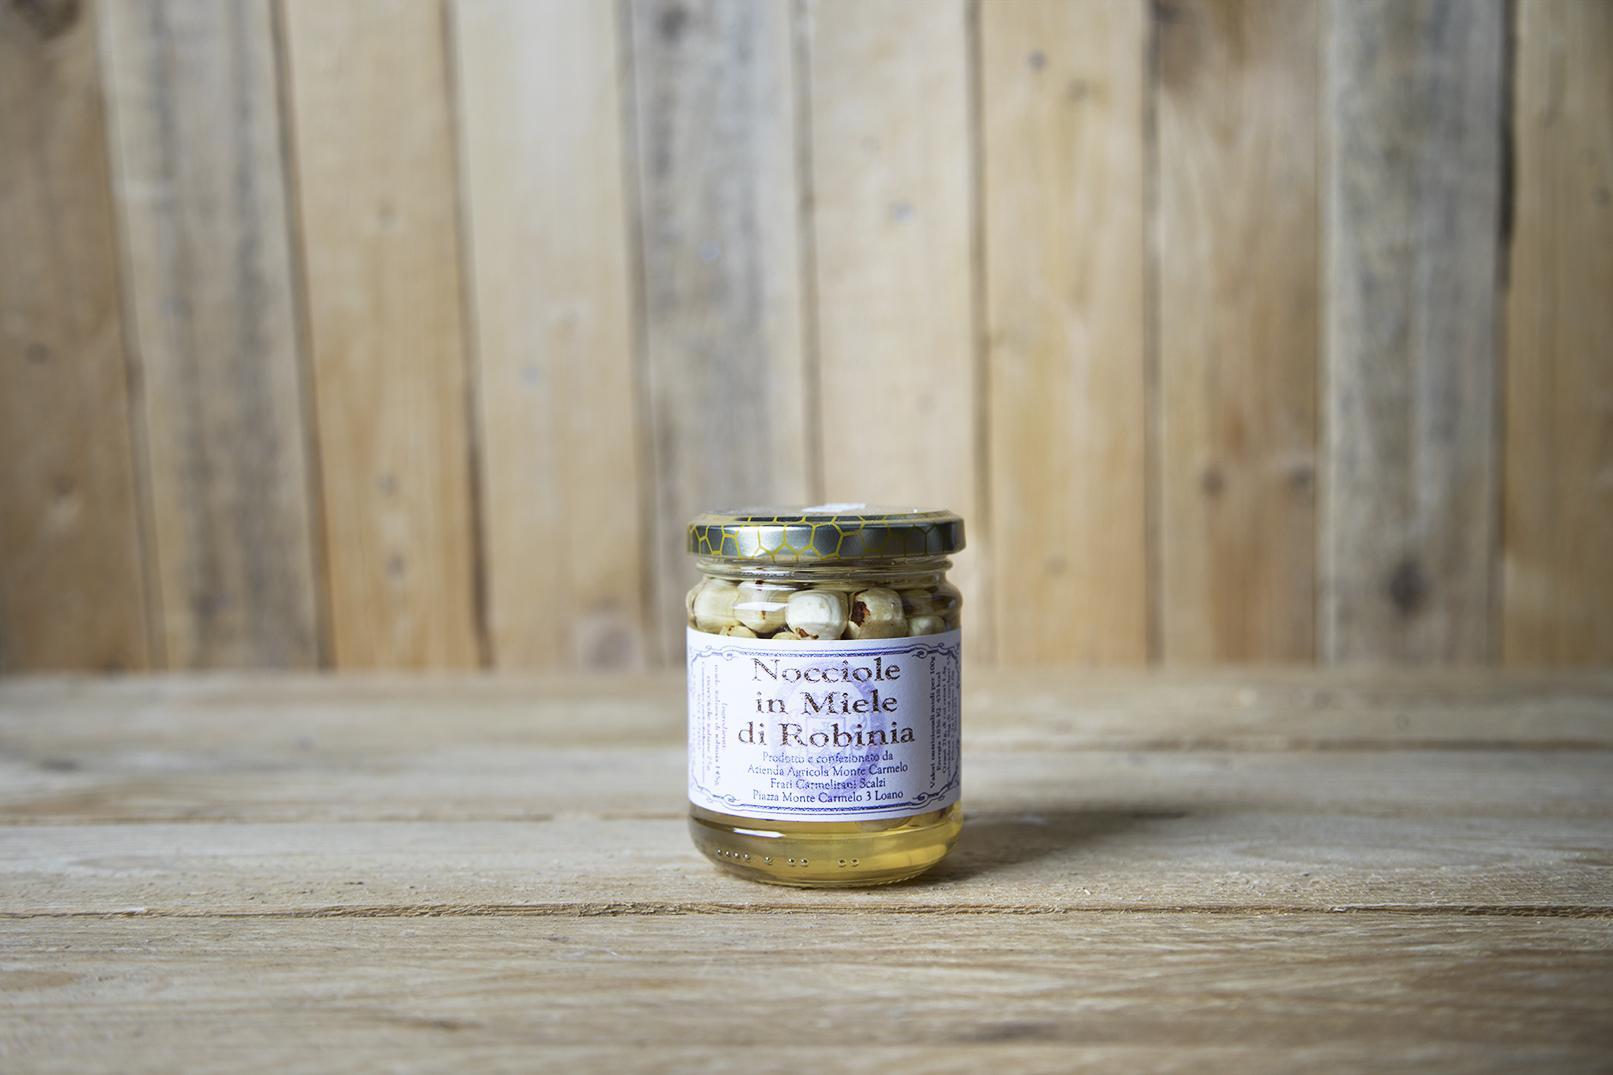 Nocciole in miele di robinia